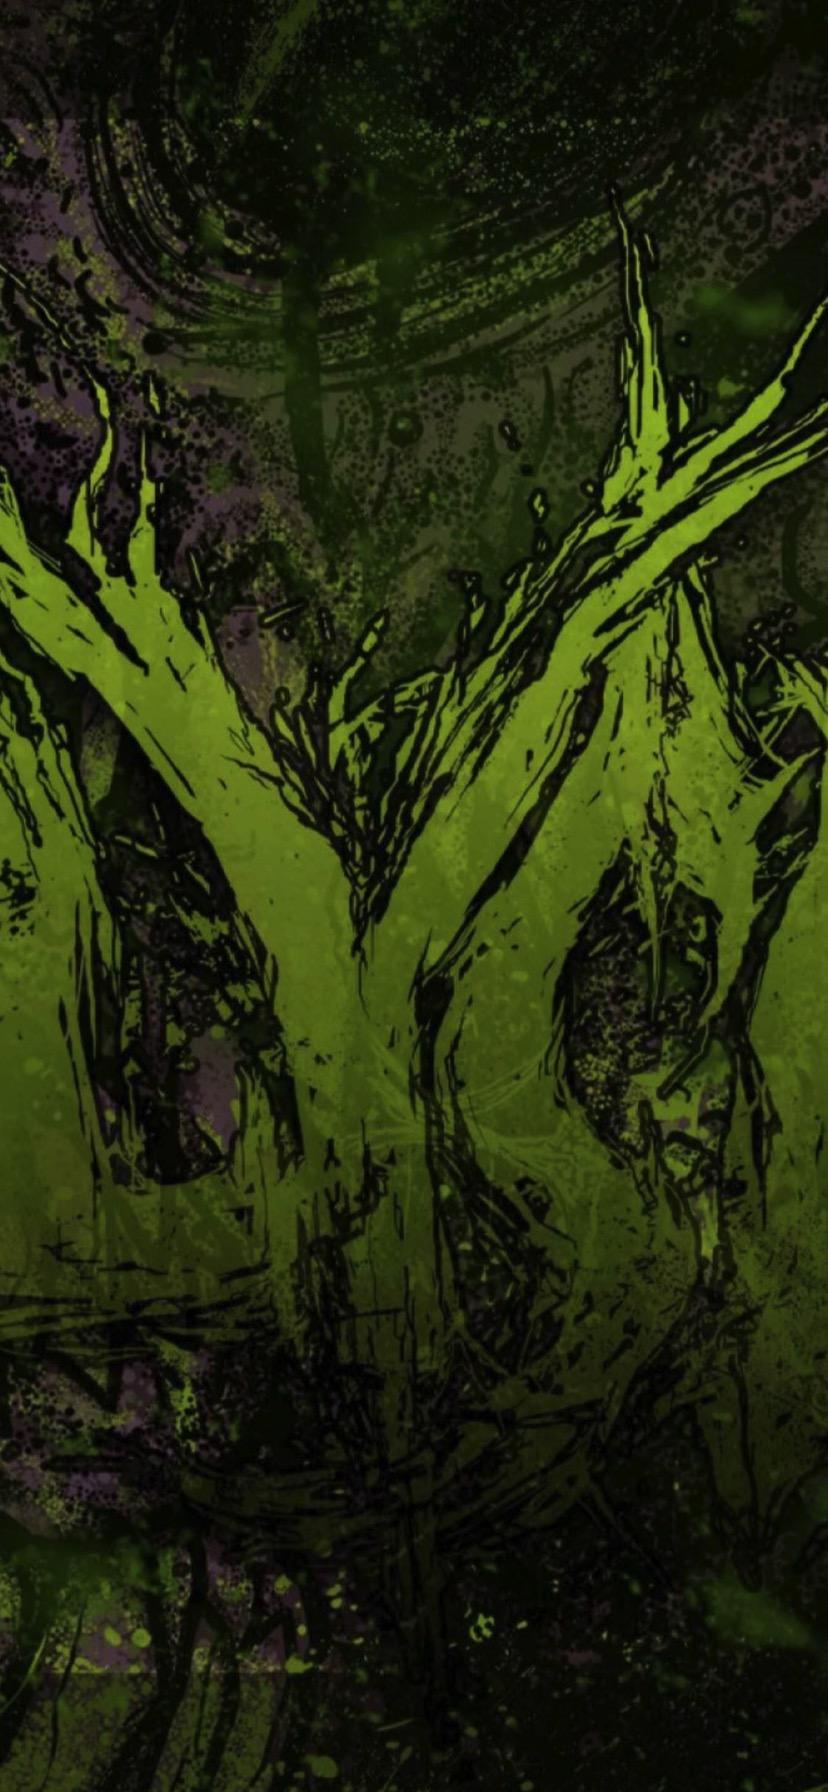 iPhone XR wallpaper 0062